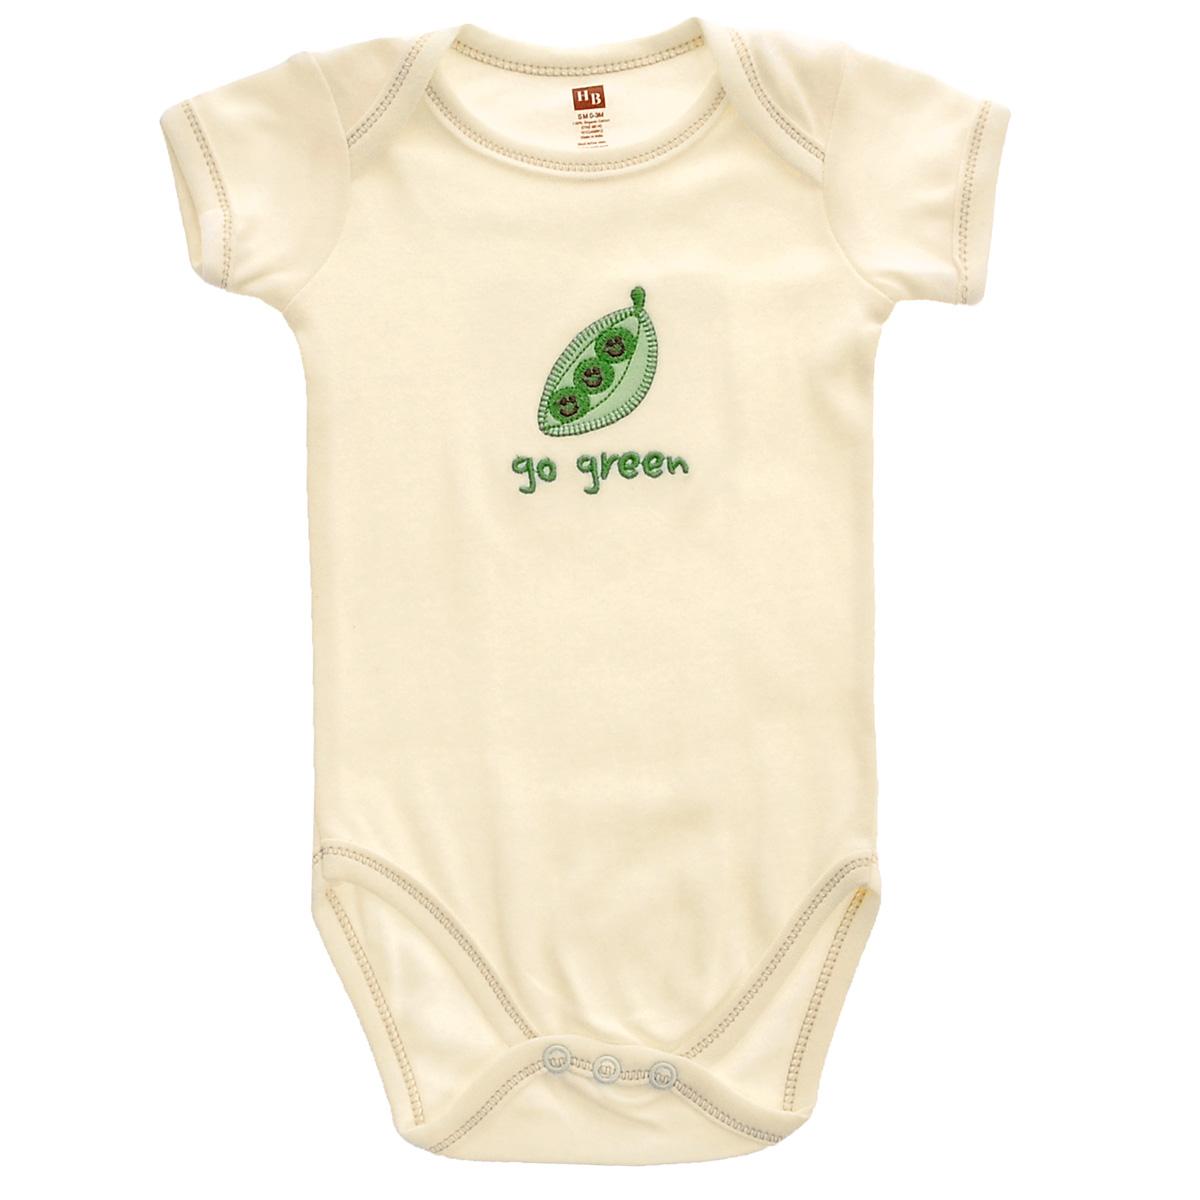 Боди детское Горошек. 6814568145Боди для новорожденного Hudson Baby Горошек послужит идеальным дополнением к гардеробу вашего малыша, обеспечивая ему наибольший комфорт. Изготовленное из натурального органического хлопка, оно необычайно мягкое и легкое, не раздражает нежную кожу ребенка и хорошо вентилируется, а эластичные швы приятны телу младенца и не препятствуют его движениям. Боди с короткими рукавами имеет специальные запахи на плечах и удобные застежки-кнопки на ластовице, которые помогают легко переодеть младенца и сменить подгузник. На груди оно оформлено оригинальной нашивкой в виде зеленого горошка. Боди полностью соответствует особенностям жизни ребенка в ранний период, не стесняя и не ограничивая его в движениях. В нем ваш малыш всегда будет в центре внимания. Линия Органик - для детей с очень чувствительной кожей. При производстве используются только натуральные красители и ткани.